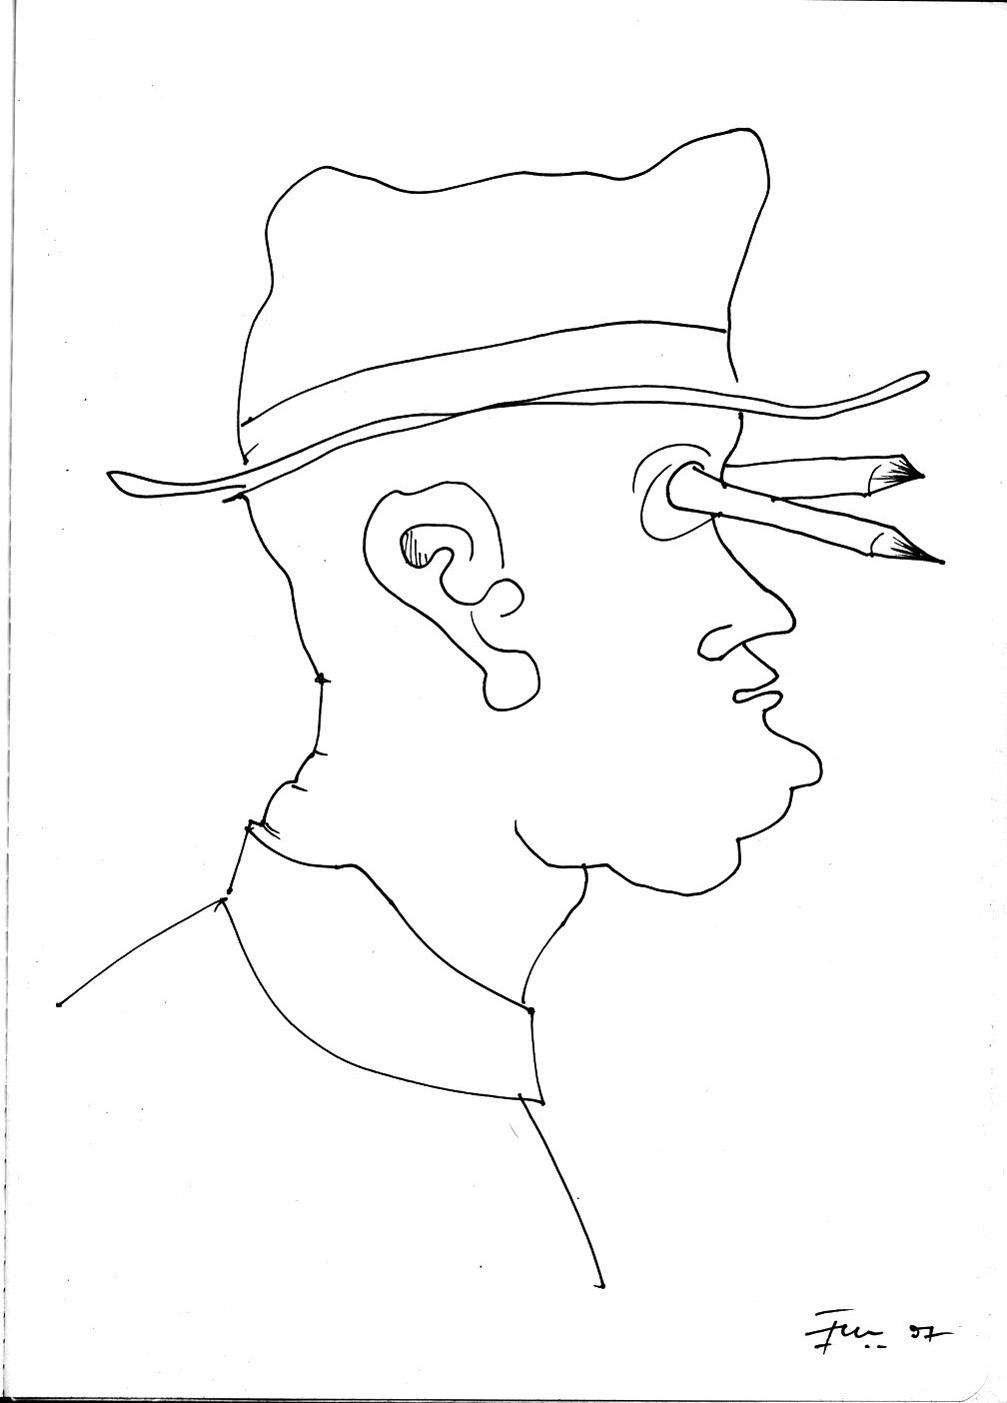 Aus: Fredi M. Murer als Zeichner, Edition Stephan Witschi